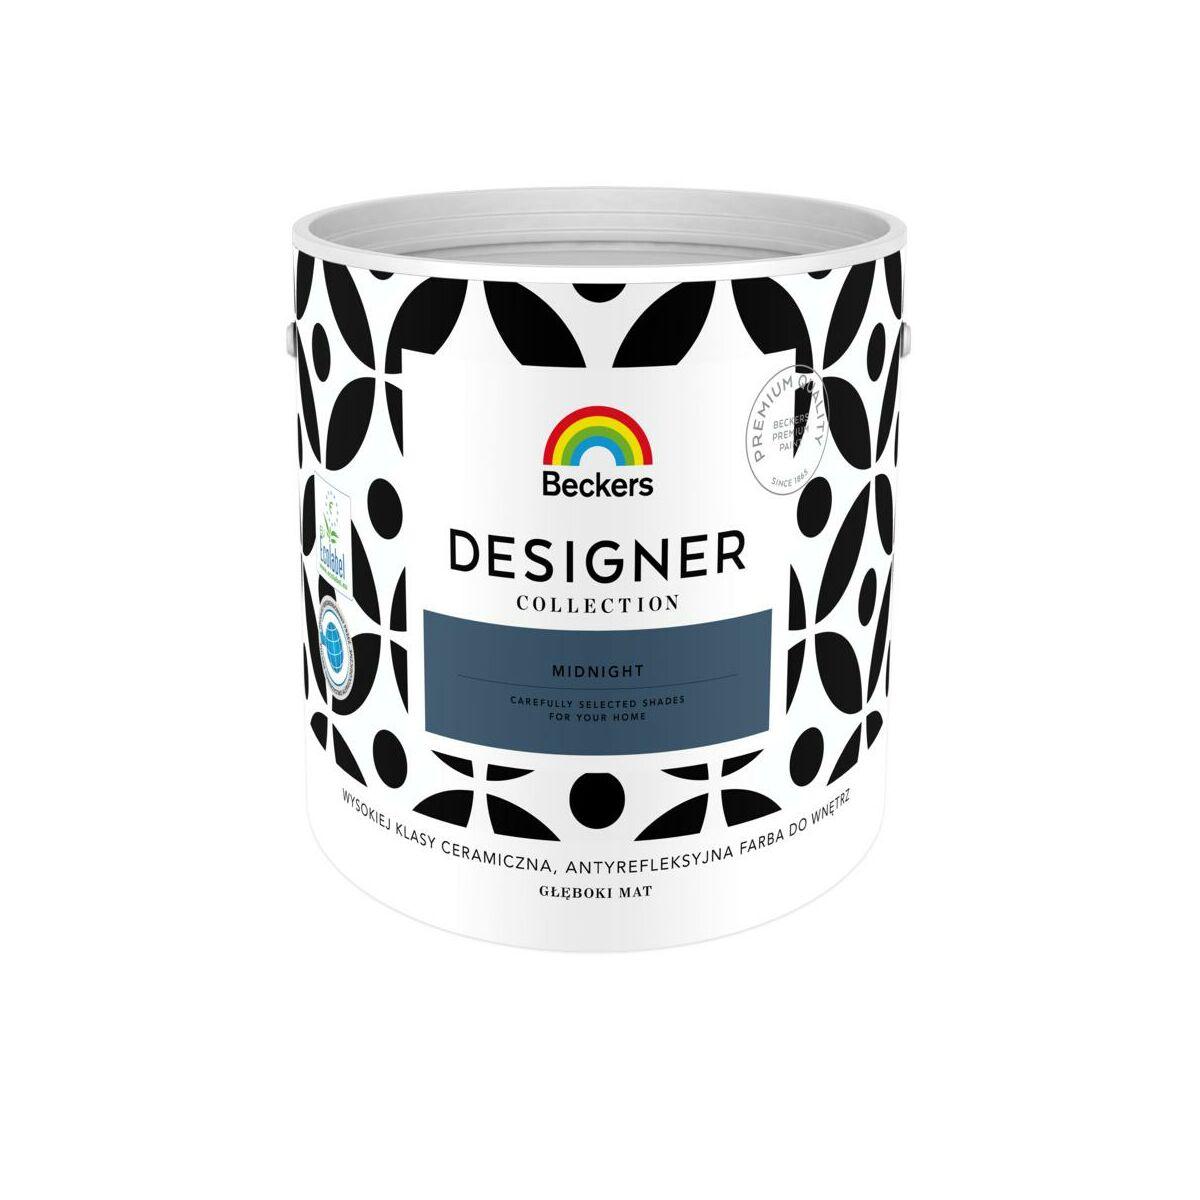 Farba Wewnetrzna Designer Collection 2 5 L Midnight Beckers Farby Scienne Kolorowe W Atrakcyjnej Cenie W Sklepach Leroy Merlin